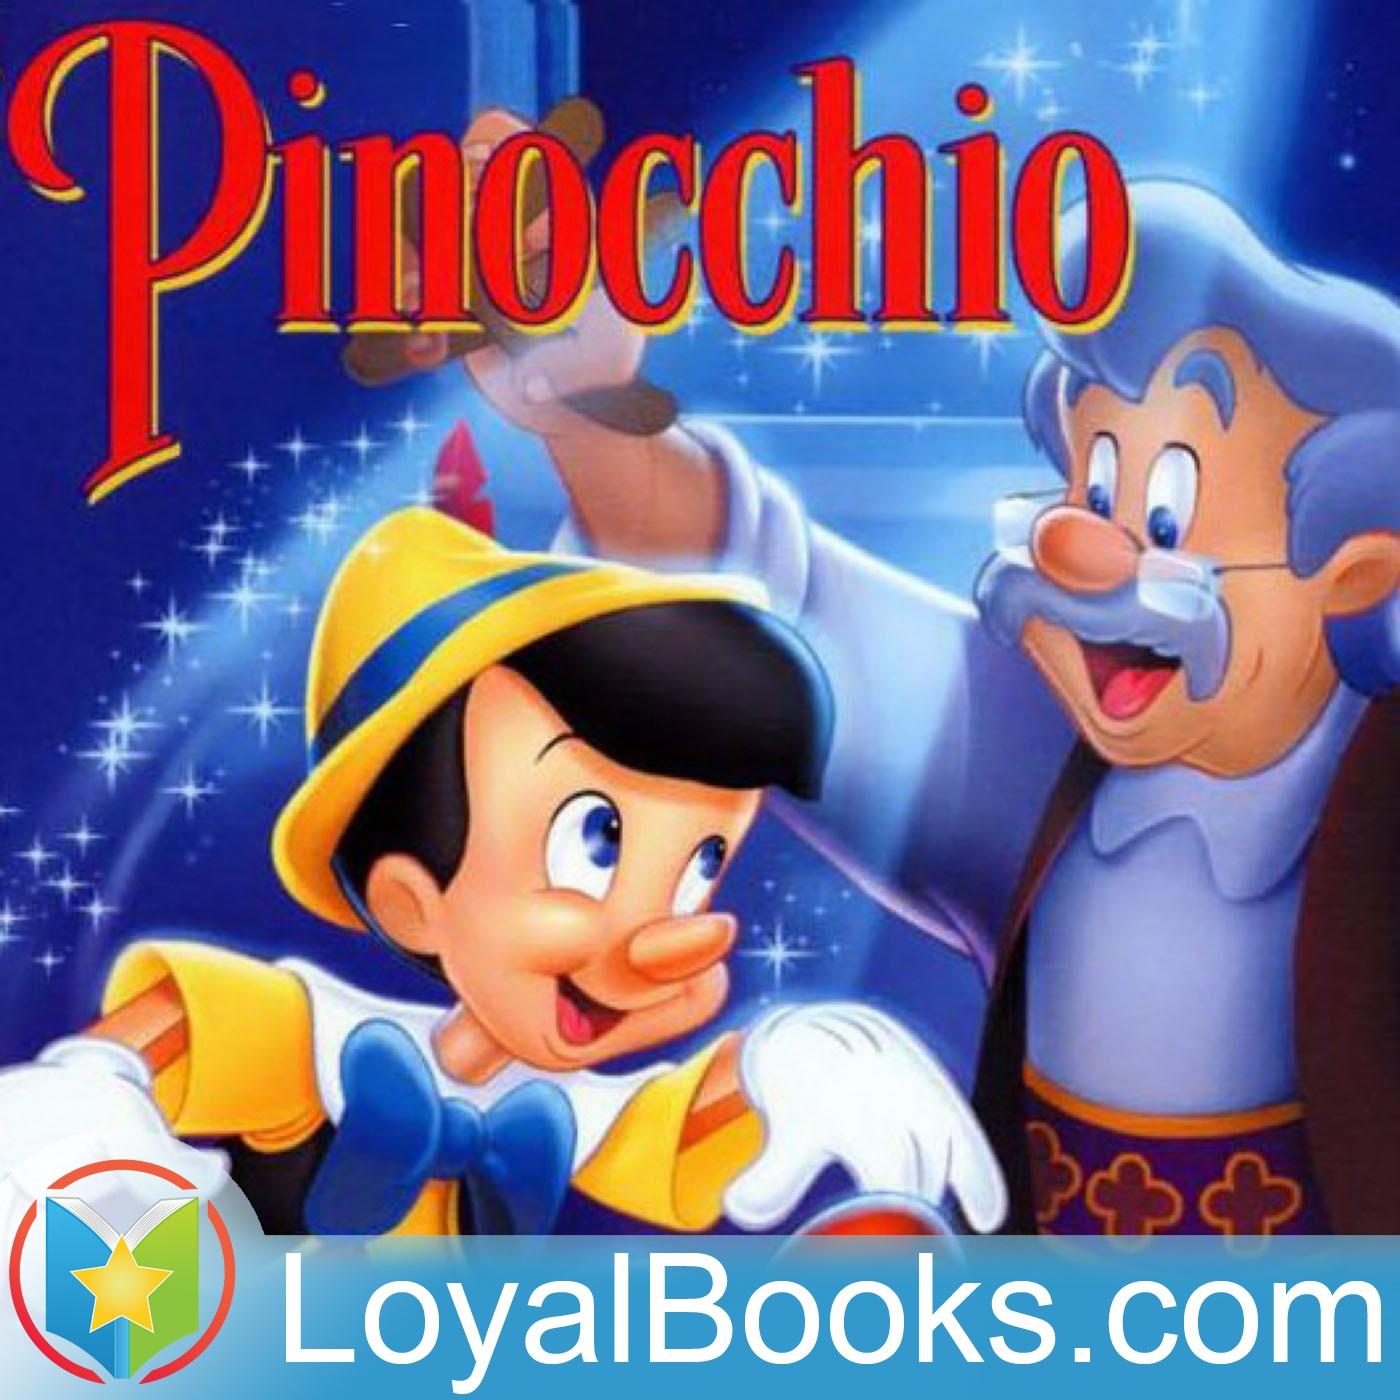 <![CDATA[The Adventures of Pinocchio by Carlo Collodi]]>